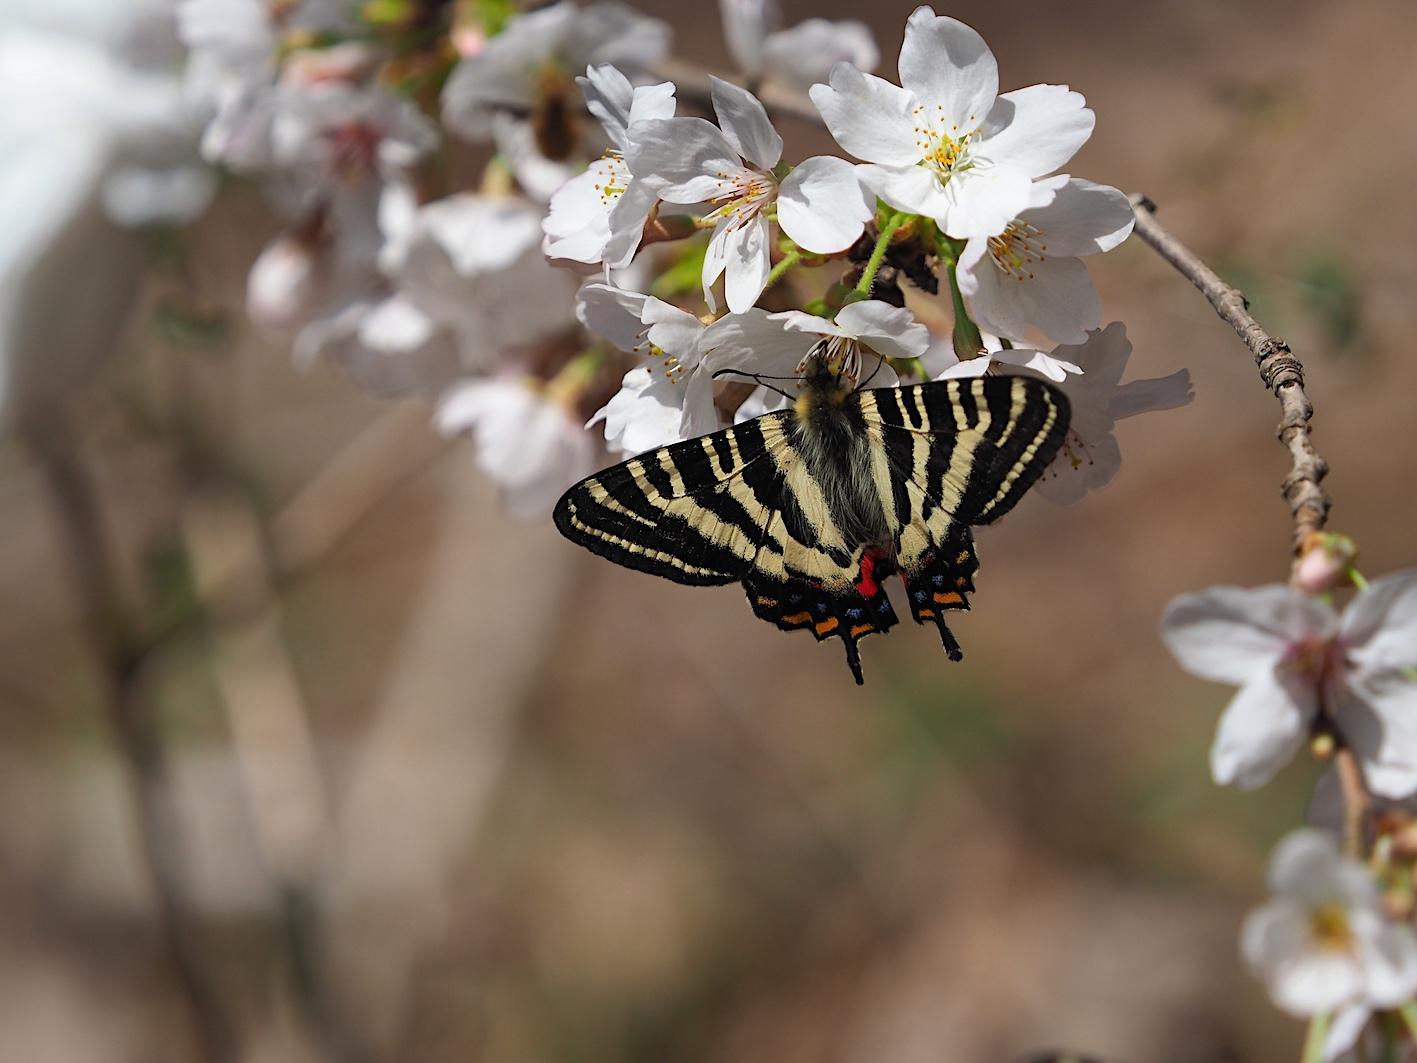 春の女神ギフチョウ、卵も撮れた午前の部(2020年3月31日)_d0303129_03180371.jpg